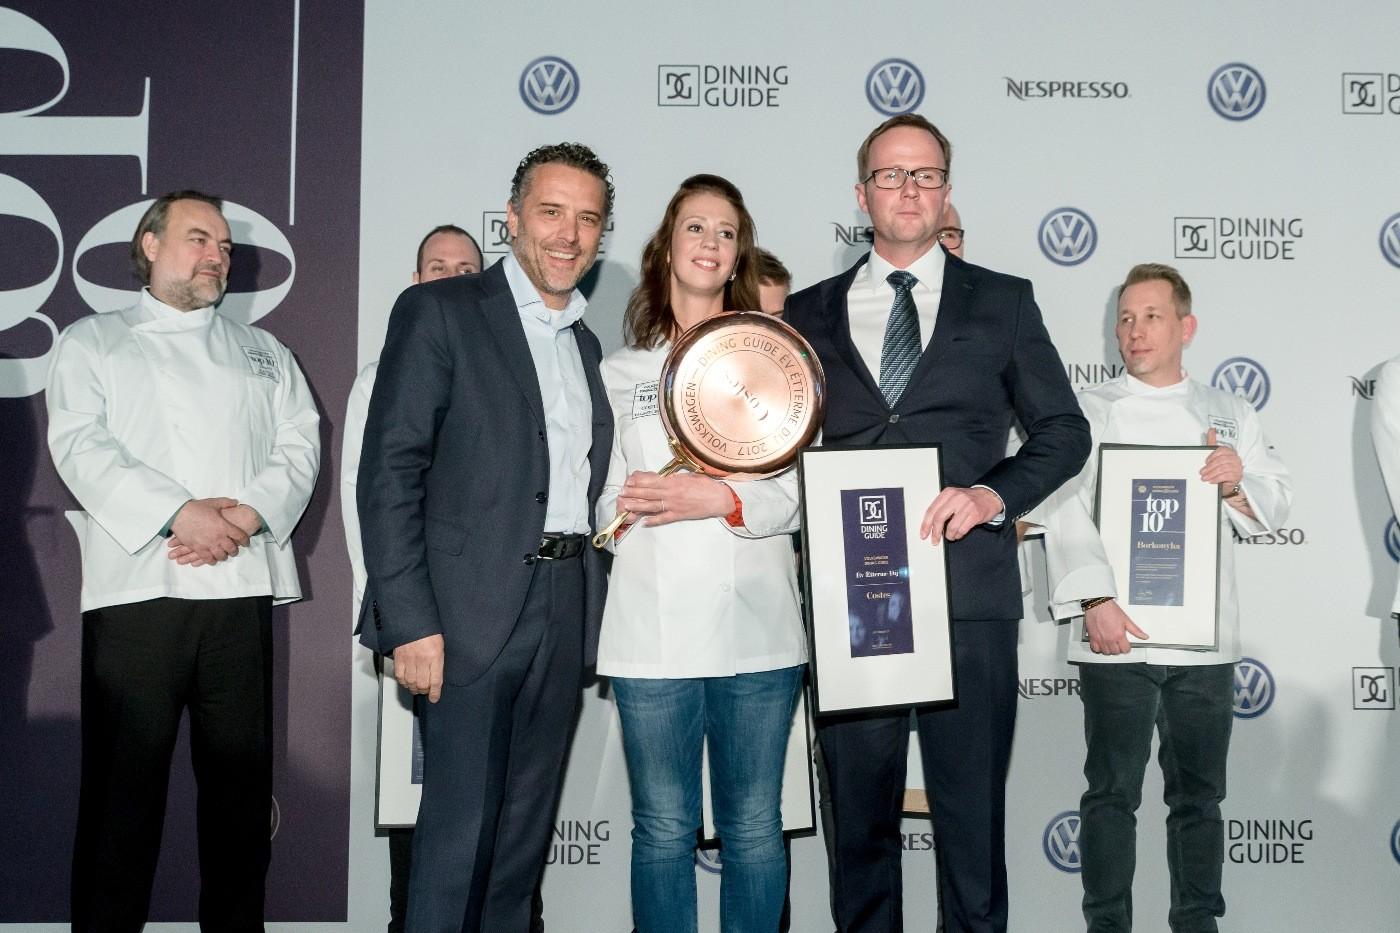 ev etterme dij costes palagyi eszter Február 27-én este a TEREM Budapest szolgált a Volkswagen - Dining Guide Év Étterme Díjátadó Gála helyszínéül, ahol Magyarország legjobb éttermeit díjazták.